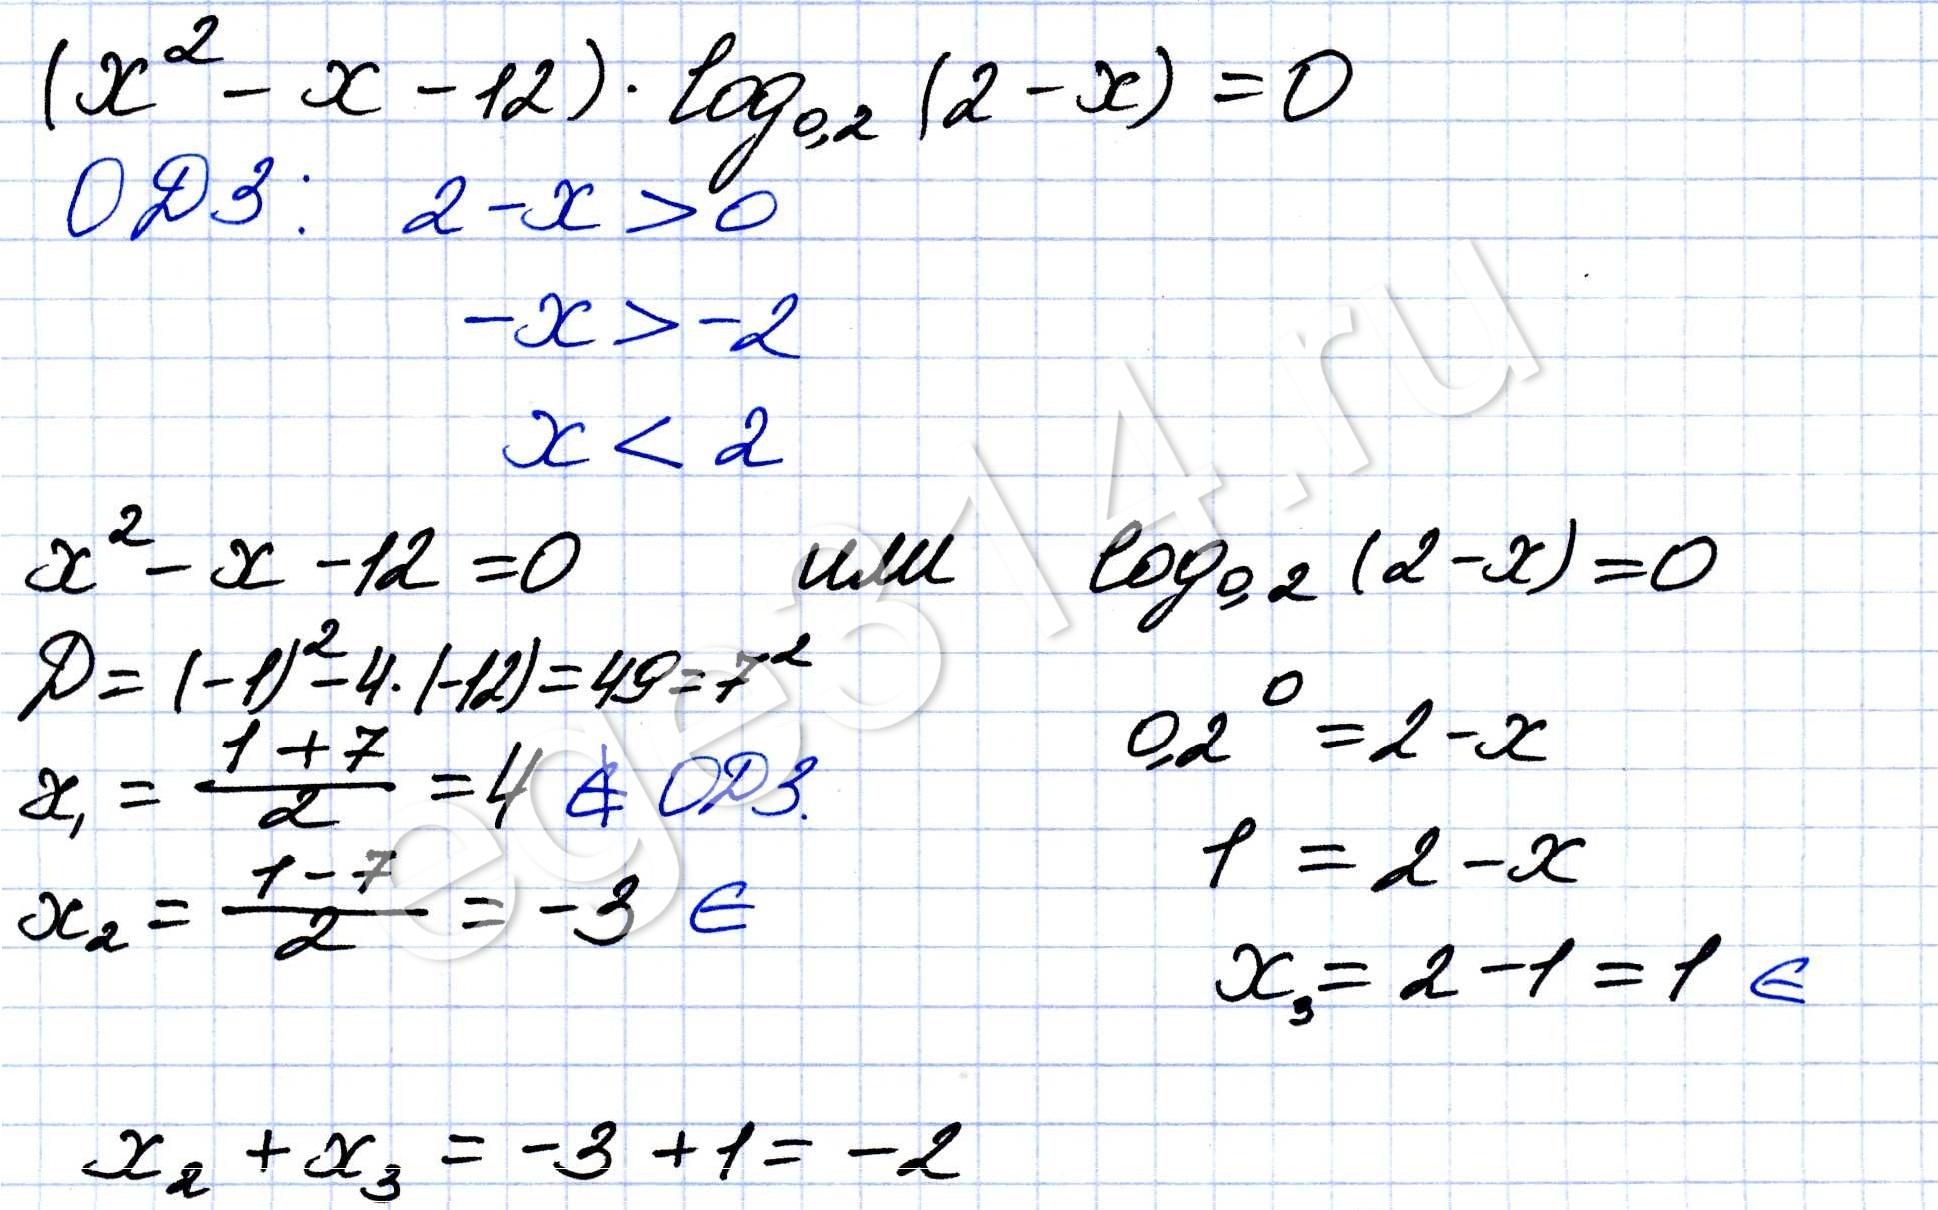 Решите уравнение В ответе запишите корень уравнения или сумму его корней, если их несколько.